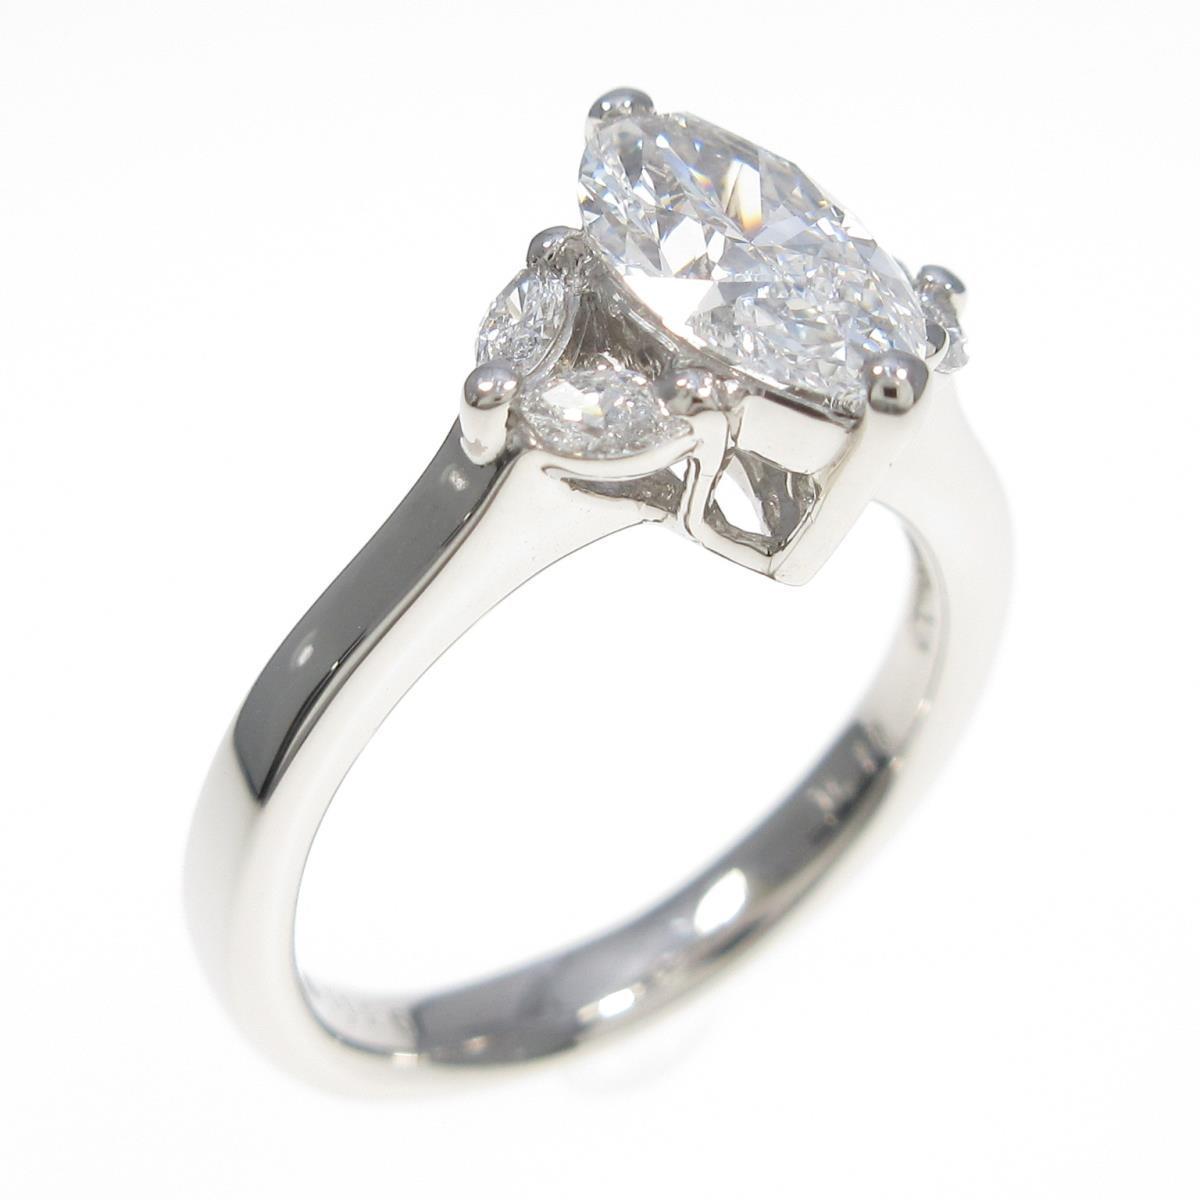 【リメイク】プラチナ ダイヤモンドリング 1.125ct・D・SI1・マーキスカット【中古】